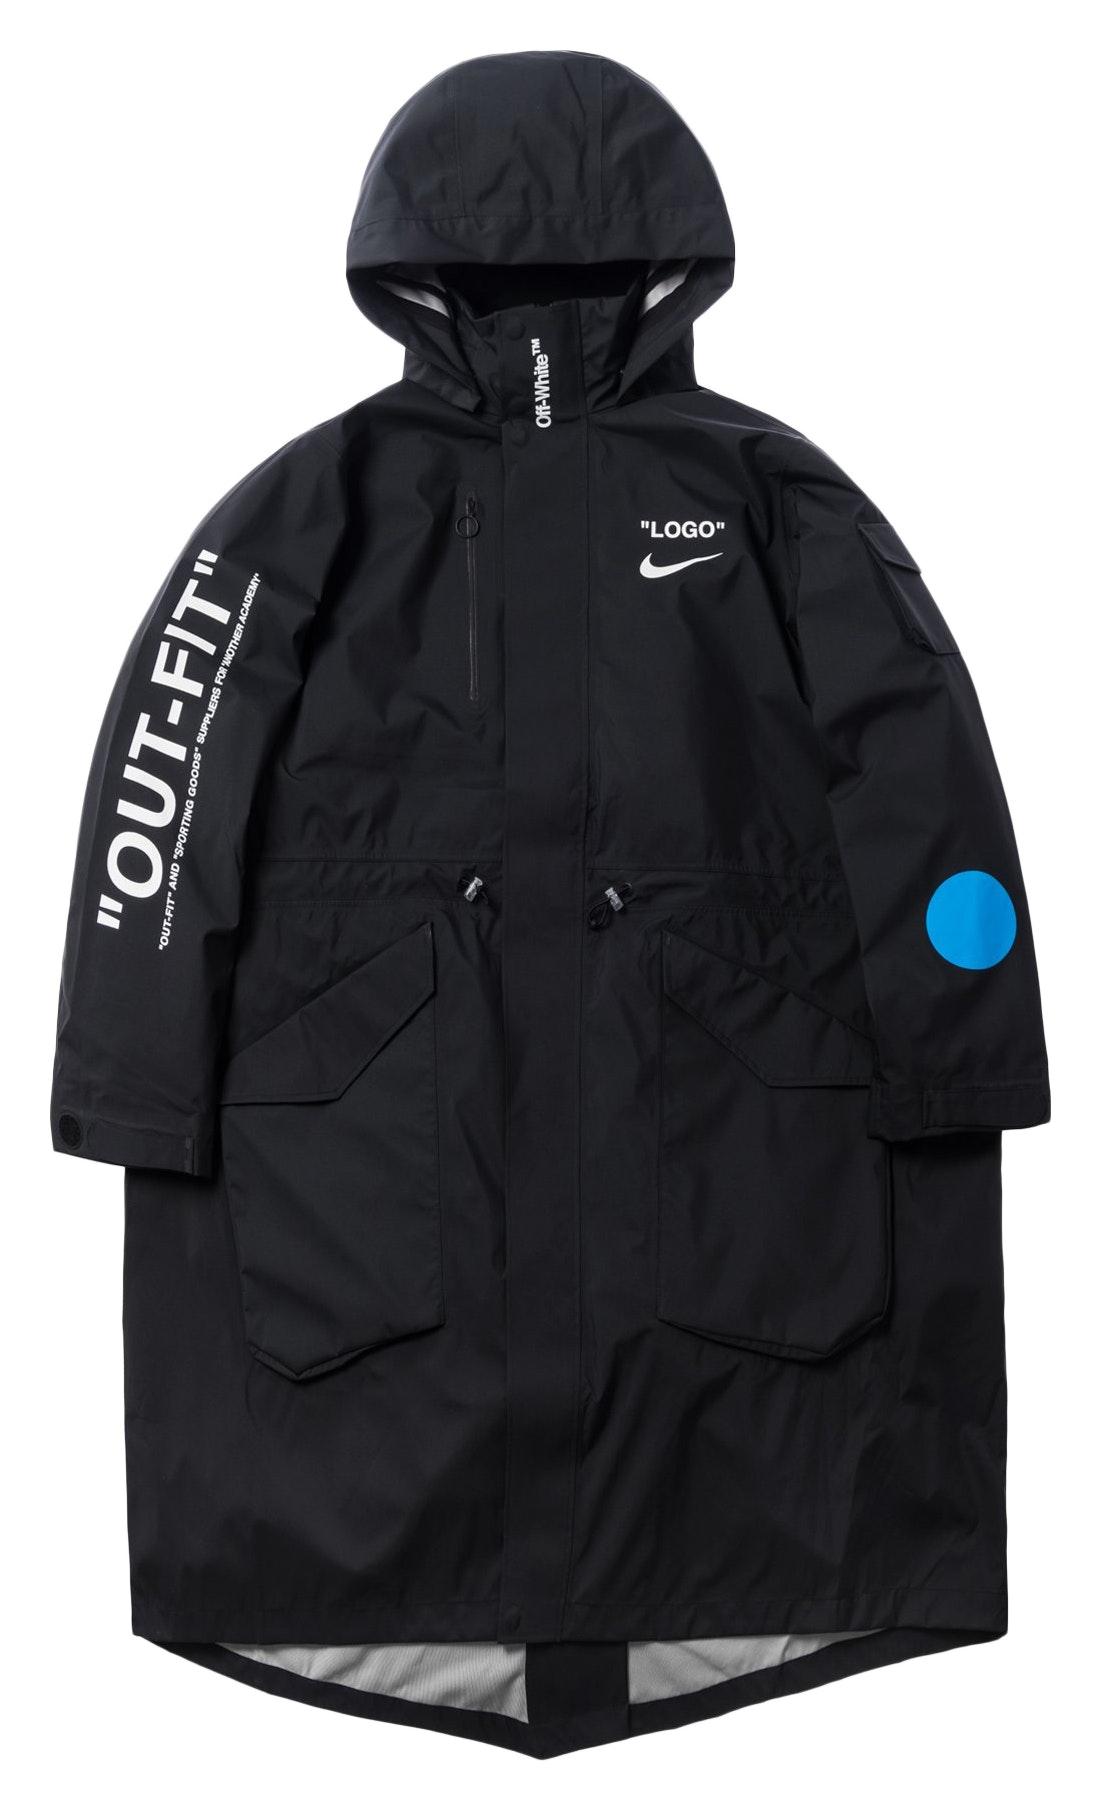 Nikelab x OFF-WHITE Mercurial NRG X Jacket Jacket Black